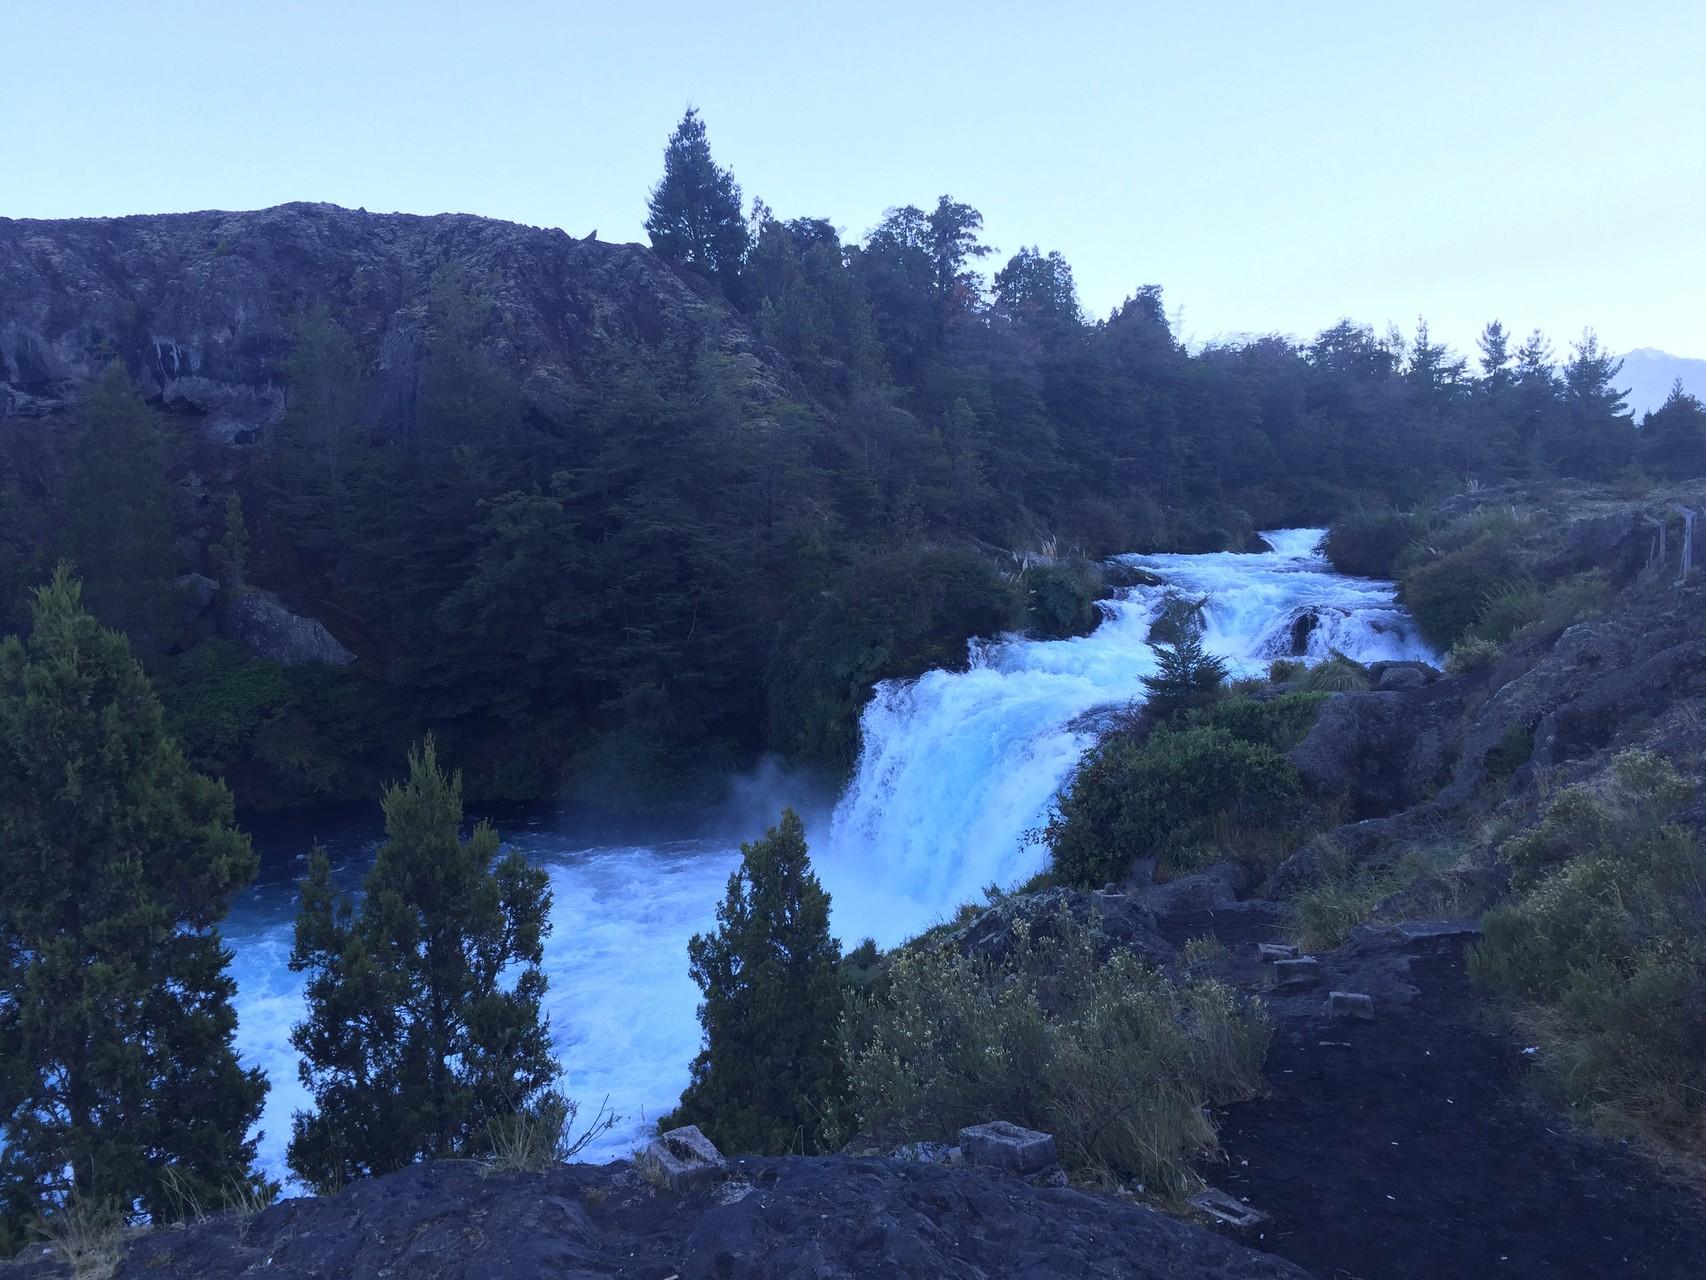 Übernachtungsplatz am Wasserfall